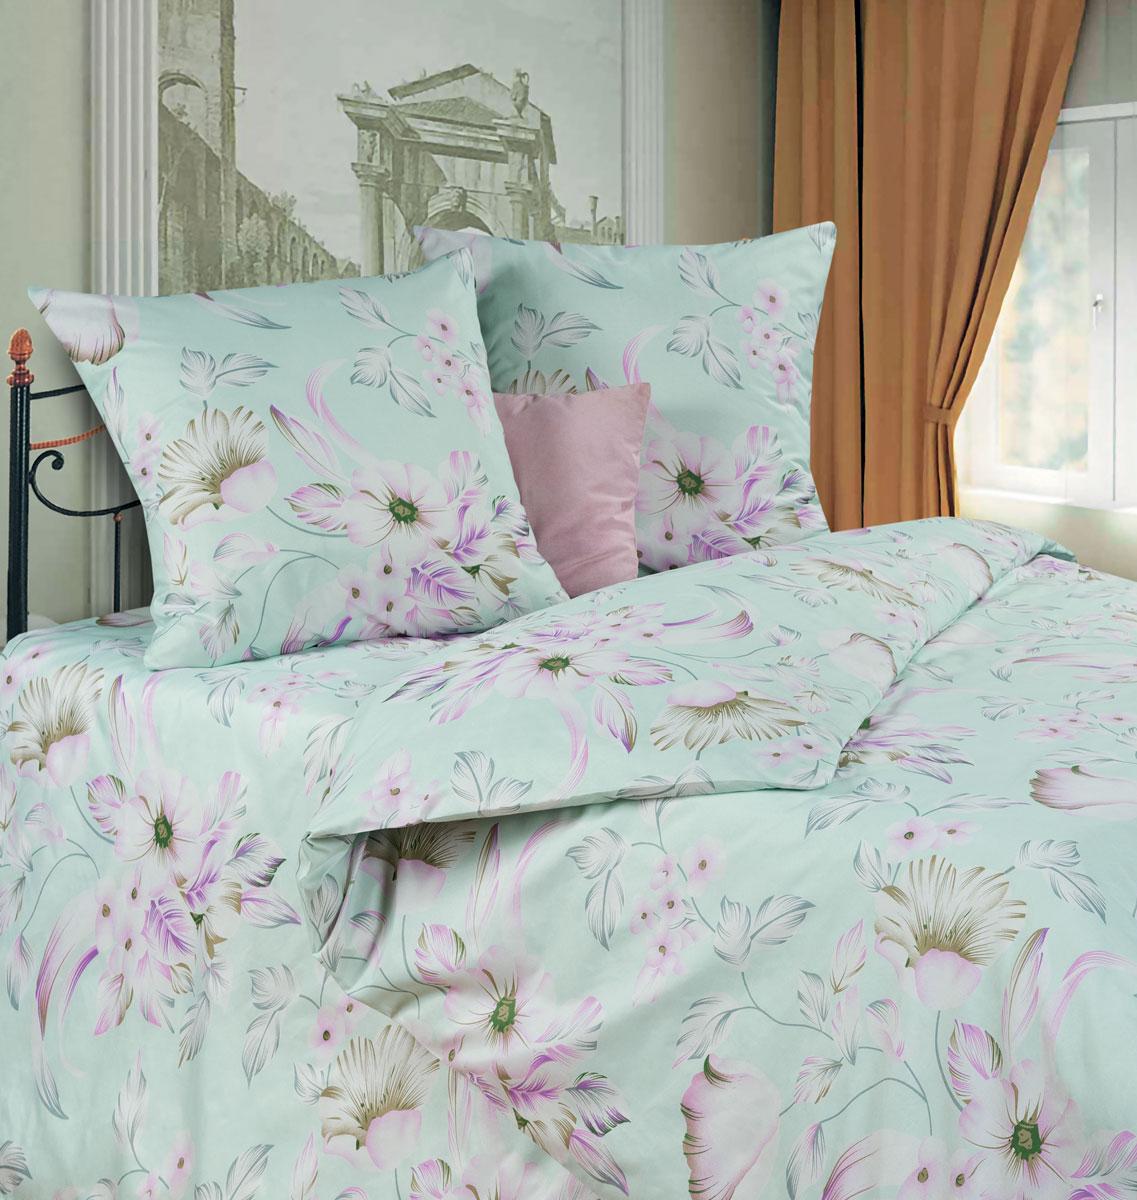 Комплект белья P&W Букет лилий, 1,5-спальный, наволочки 69x69, цвет: сиреневый, розовый, мятныйCLP446Комплект постельного белья P&W Букет лилий выполнен из микрофибры. Комплект состоит из пододеяльника, простыни и двух наволочек. Постельное белье оформлено изысканным рисунком.Ткань приятная на ощупь, мягкая и нежная, при этом она прочная и хорошо сохраняет форму, легко гладится. Ткань микрофибра - новая технология в производстве постельного белья. Тонкие волокна, используемые в ткани, производят путем переработки полиамида и полиэстера. Такая нить не впитывает влагу, как хлопок, а пропускает ее через себя, и влага быстро испаряется. Изделие не деформируется и хорошо держит форму. Благодаря такому комплекту постельного белья, вы сможете создать атмосферу роскоши и романтики в вашей спальне.